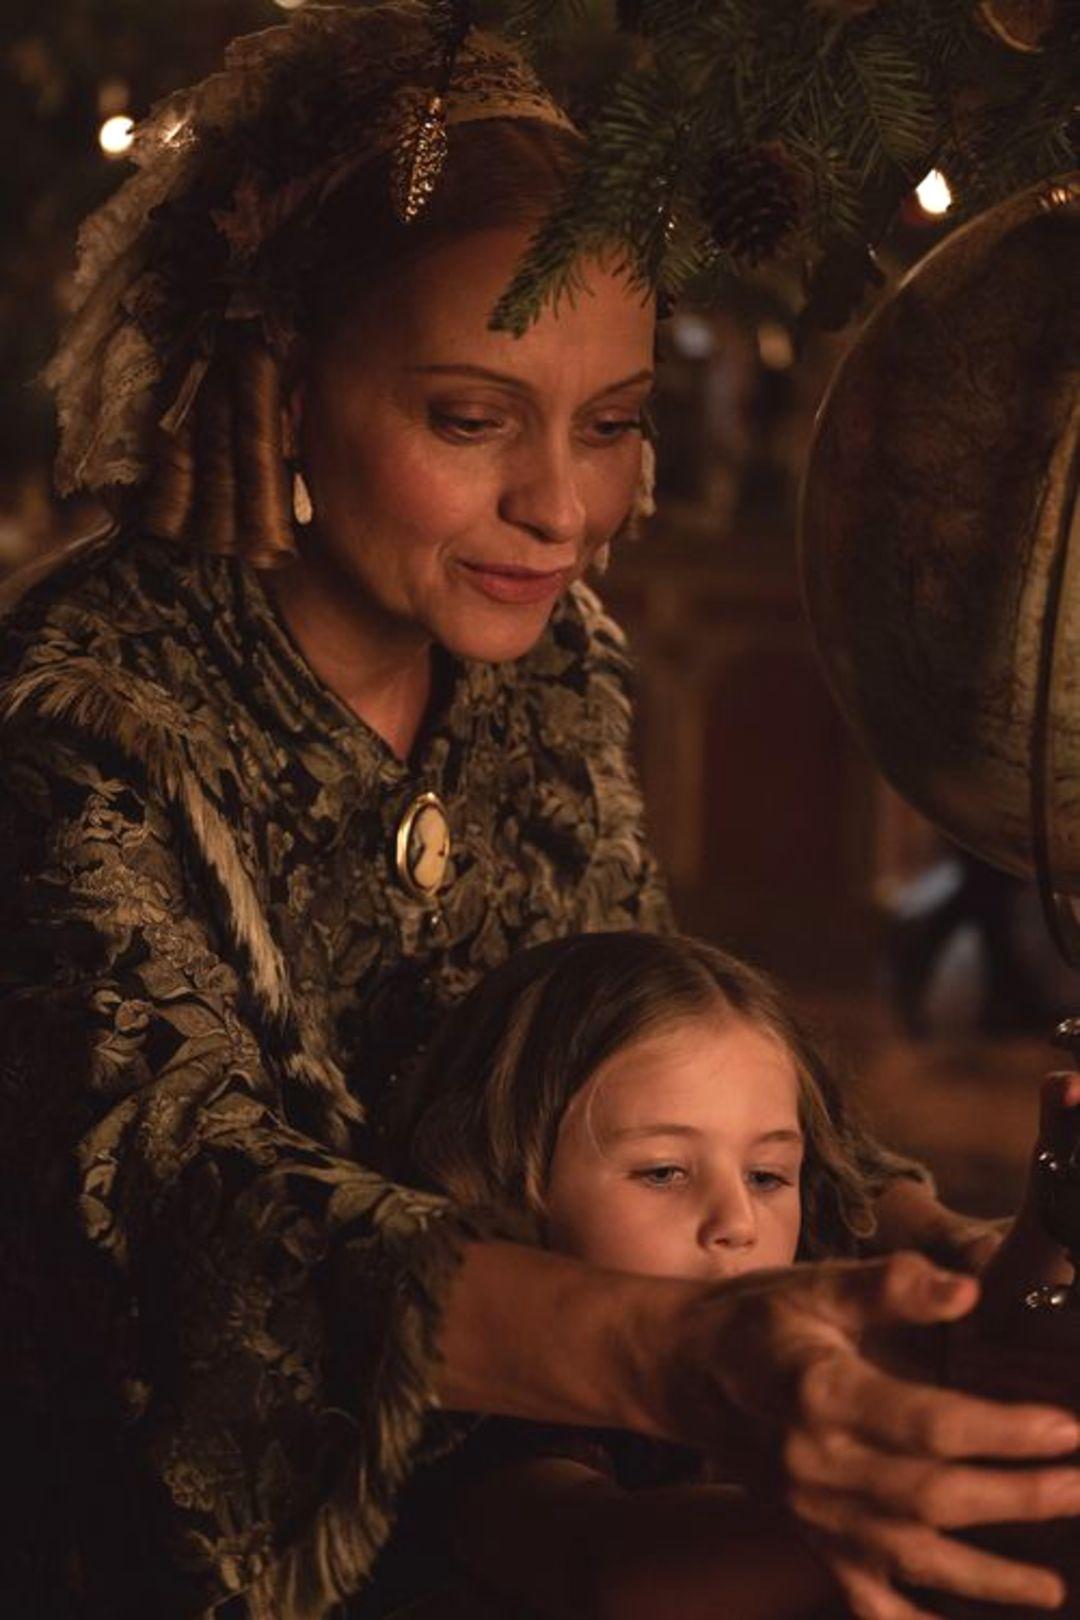 Königin Victoria in Film und Serie: Die besten Darsteller - Bild 1 von 2